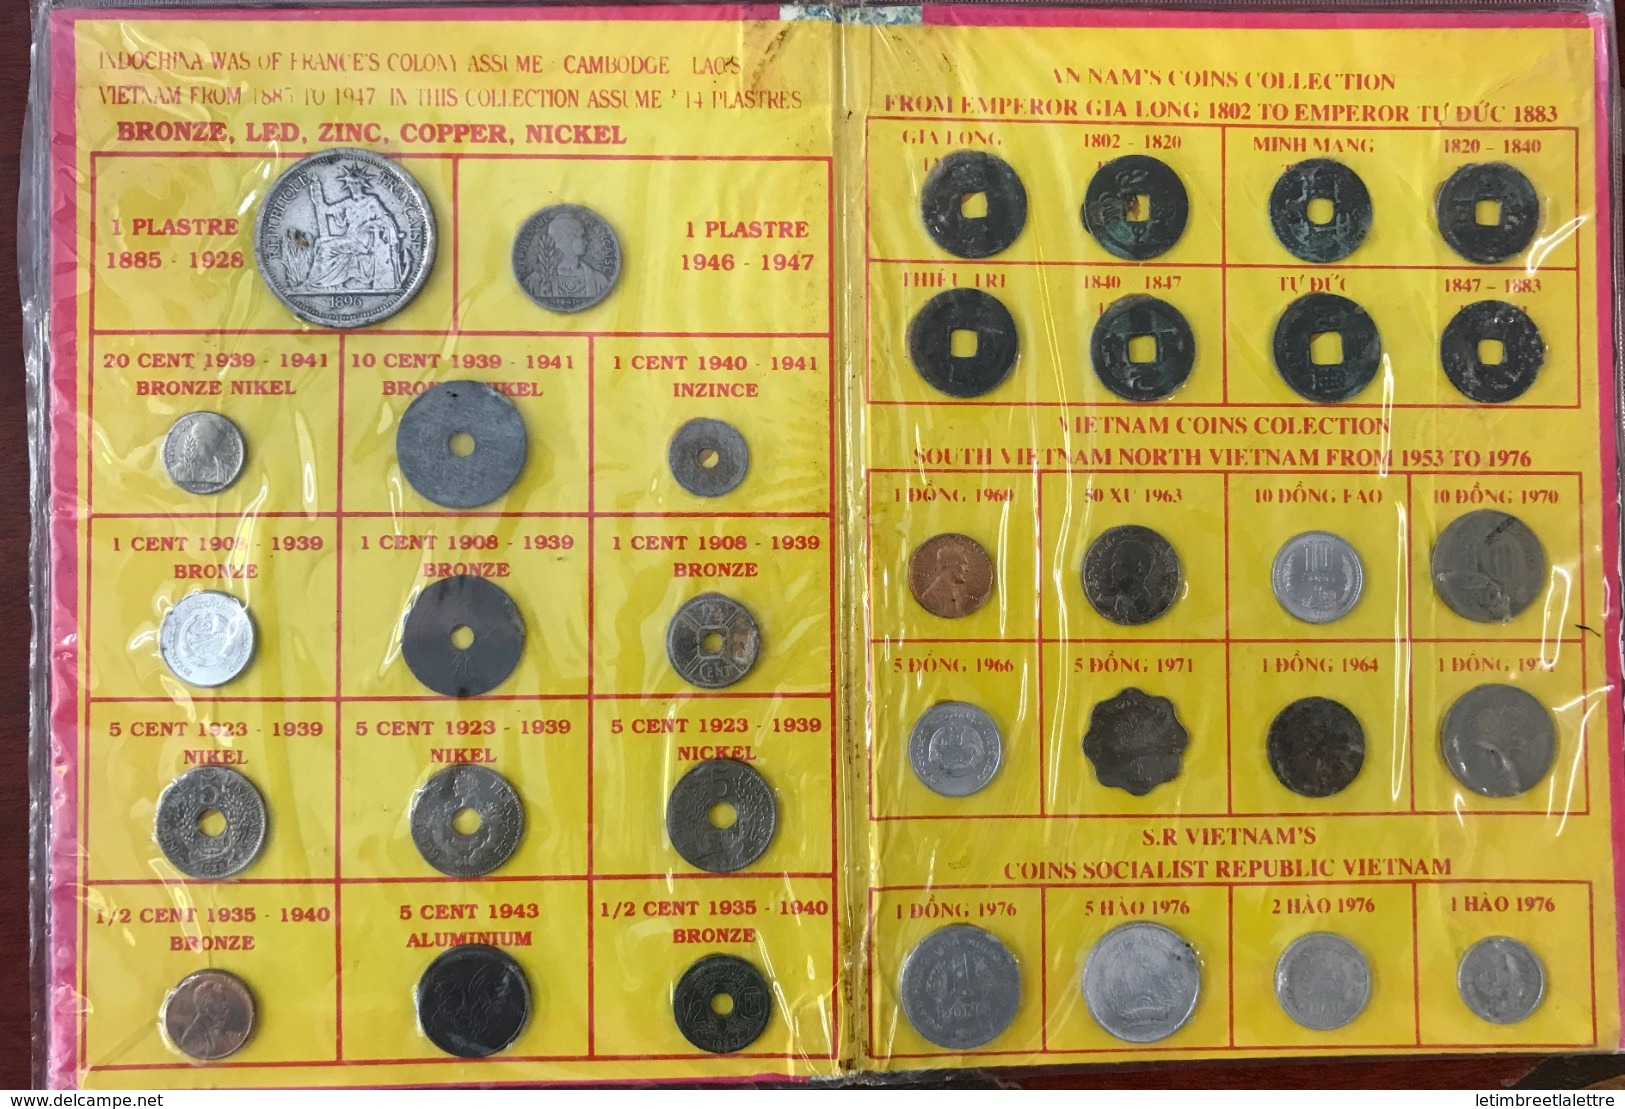 Asie, Monnaie, Indochine - Annam - Vietnam, Lot De 34 Pièces, Bronze - Led - Zinc - Copper - Nickel - Autres – Asie